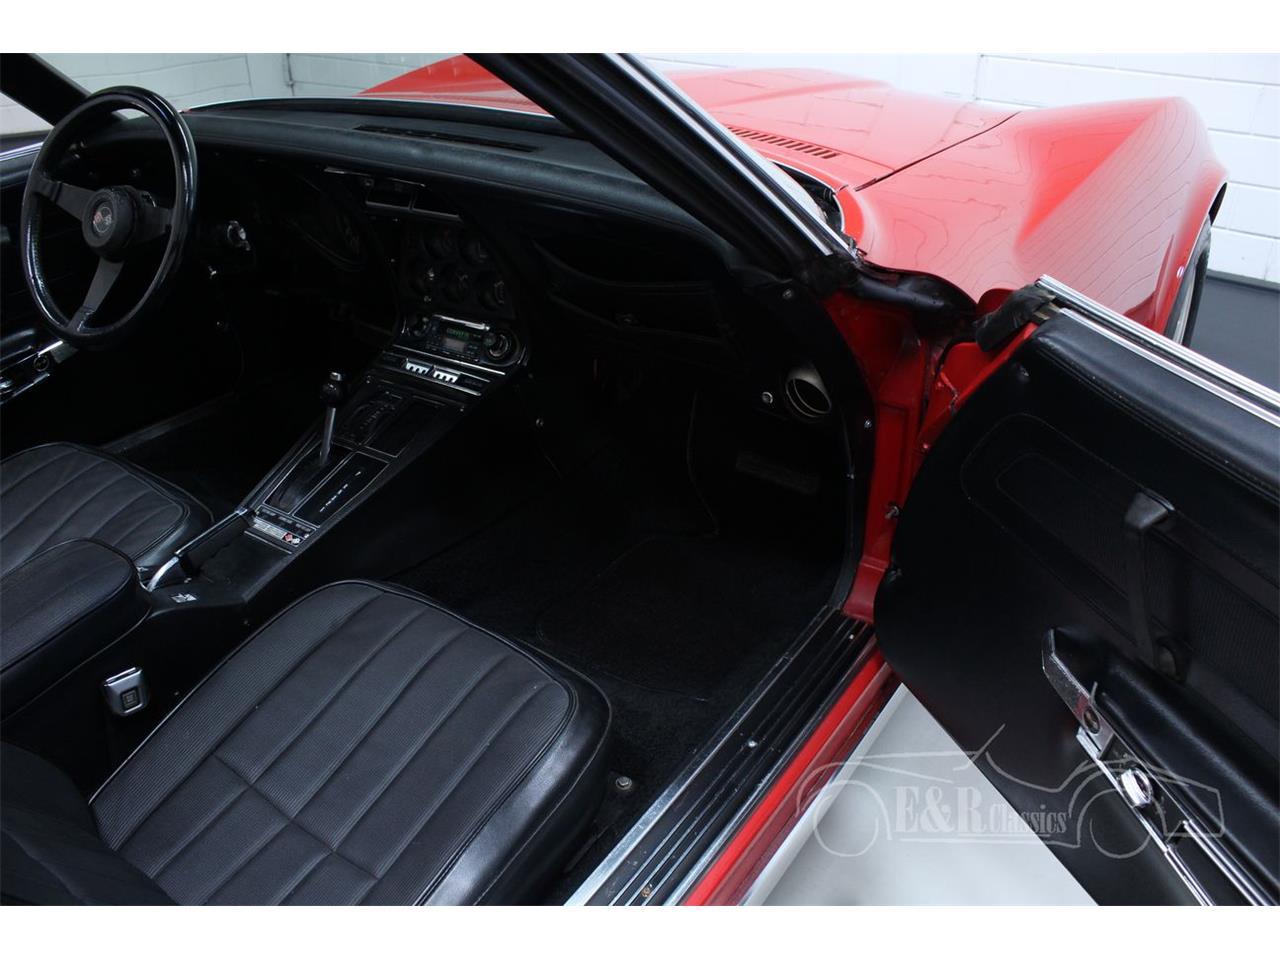 1971 Chevrolet Corvette Stingray (CC-1356299) for sale in Waalwijk, Noord Brabant